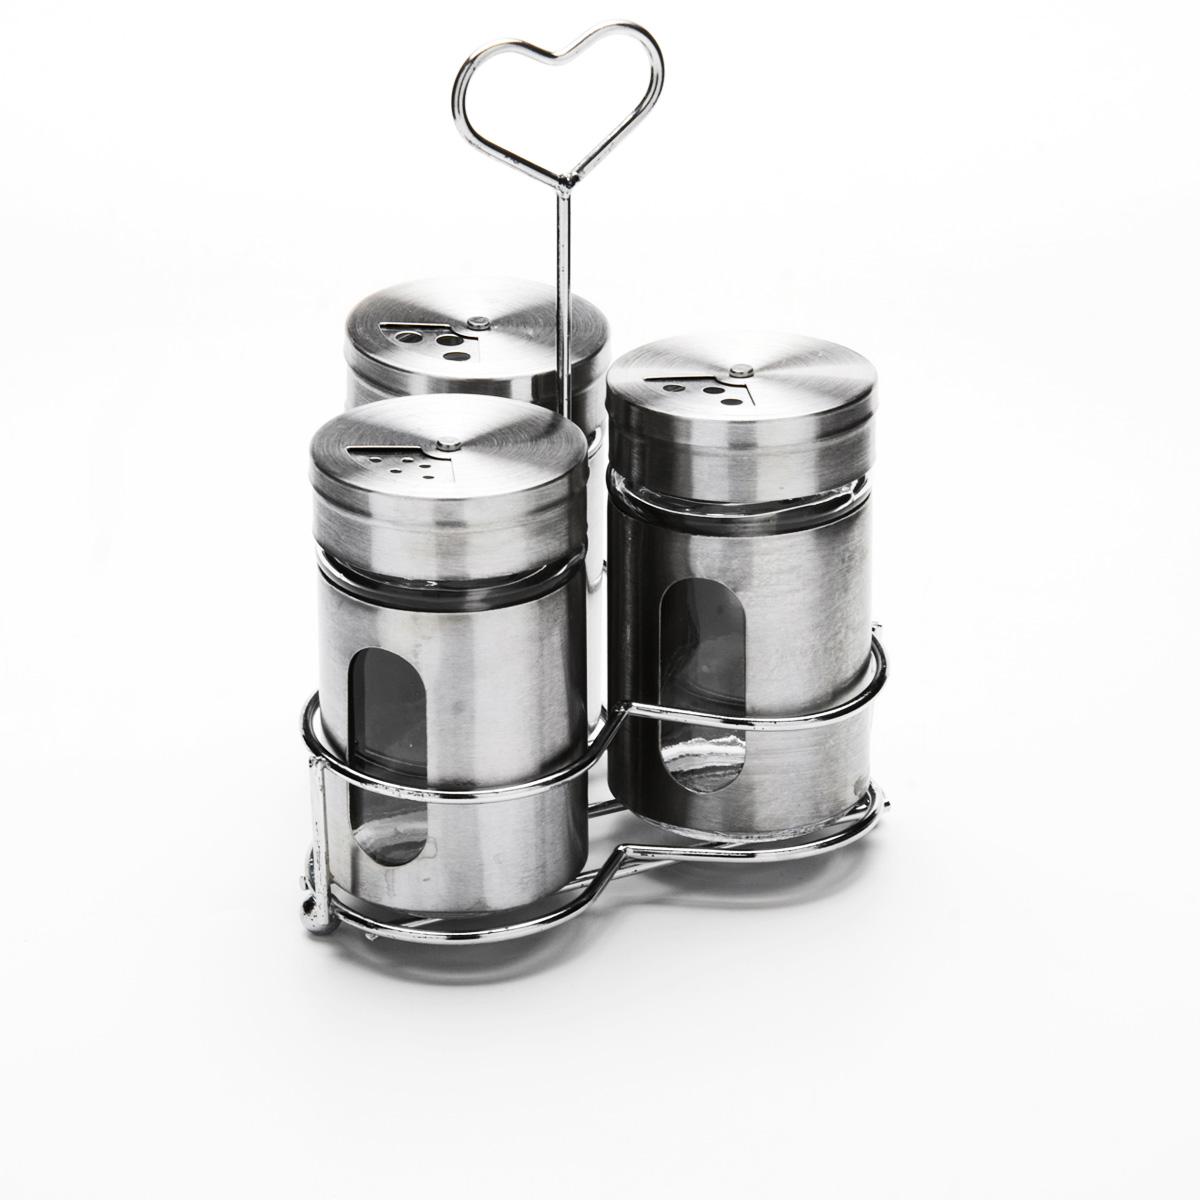 Набор для специй Mayer & Boch, на подставке, 4 предмета23480Набор для специй Mayer & Boch состоит из трех баночек и подставки. Баночки выполнены из стекла и высококачественной нержавеющей стали, оснащены плотно закручивающимися крышками, которые имеют три варианта добавления специй: через мелкие, средние или крупные отверстия. Для баночек предусмотрена металлическая подставка с ручкой. Набор для специй Mayer & Boch стильно оформит интерьер кухни и станет незаменимым при приготовлении пищи. Компактный, не занимает много места и всегда будет под рукой. Диаметр баночки (по верхнему краю): 3,5 см. Высота баночки (с крышкой): 8 см. Объем баночки: 85 мл. Размер подставки: 11 см х 10 см х 16 см.